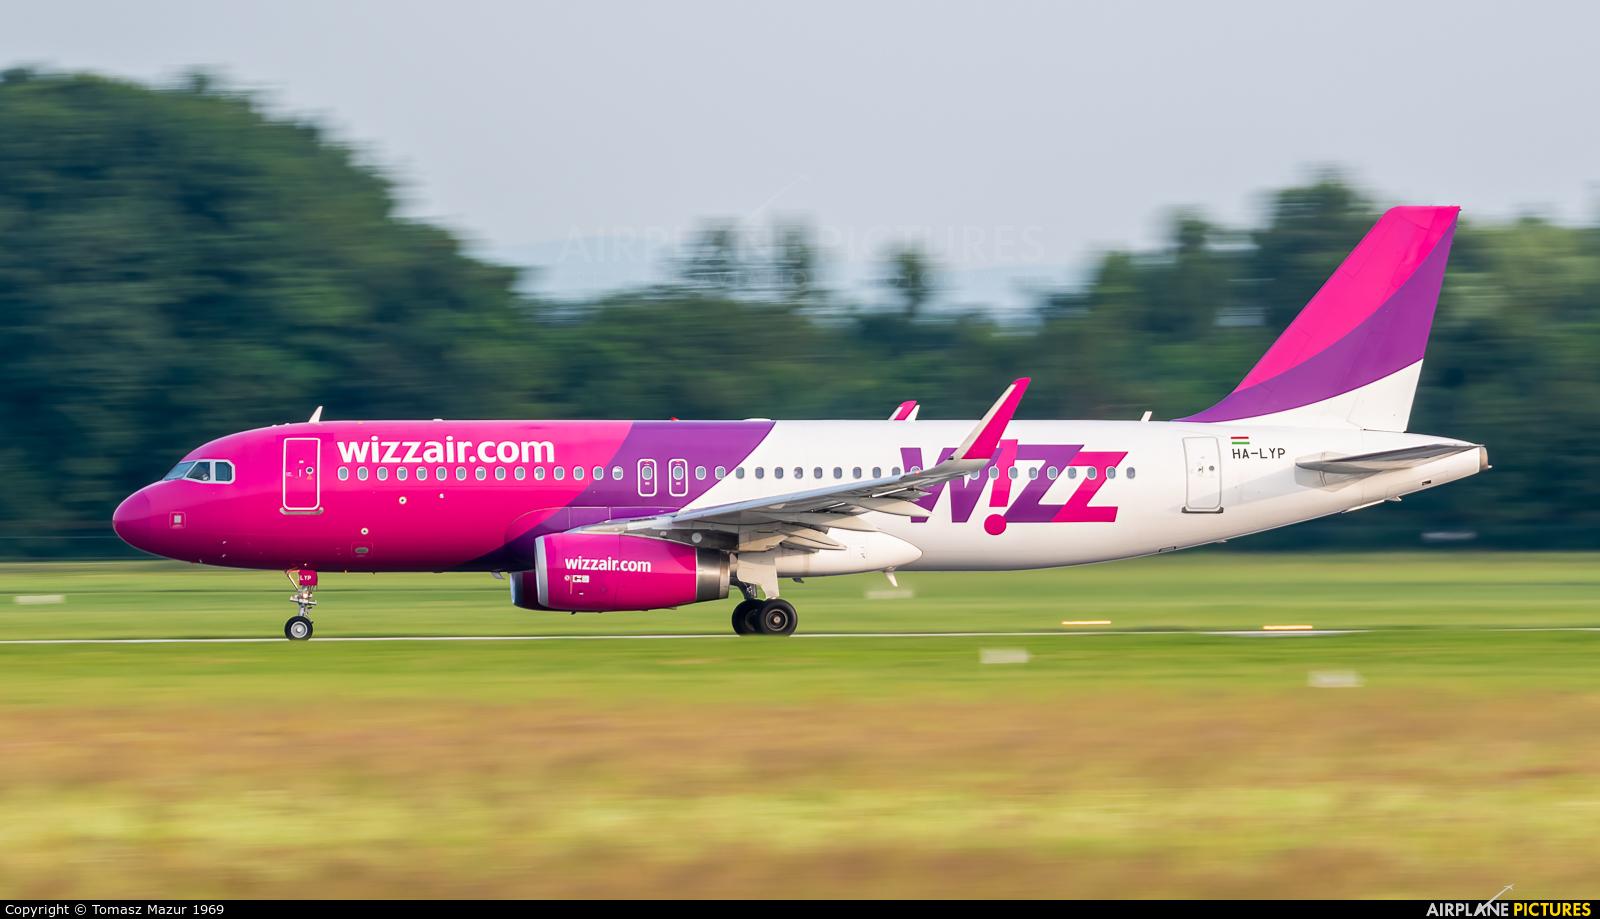 Wizz Air HA-LYP aircraft at Kraków - John Paul II Intl